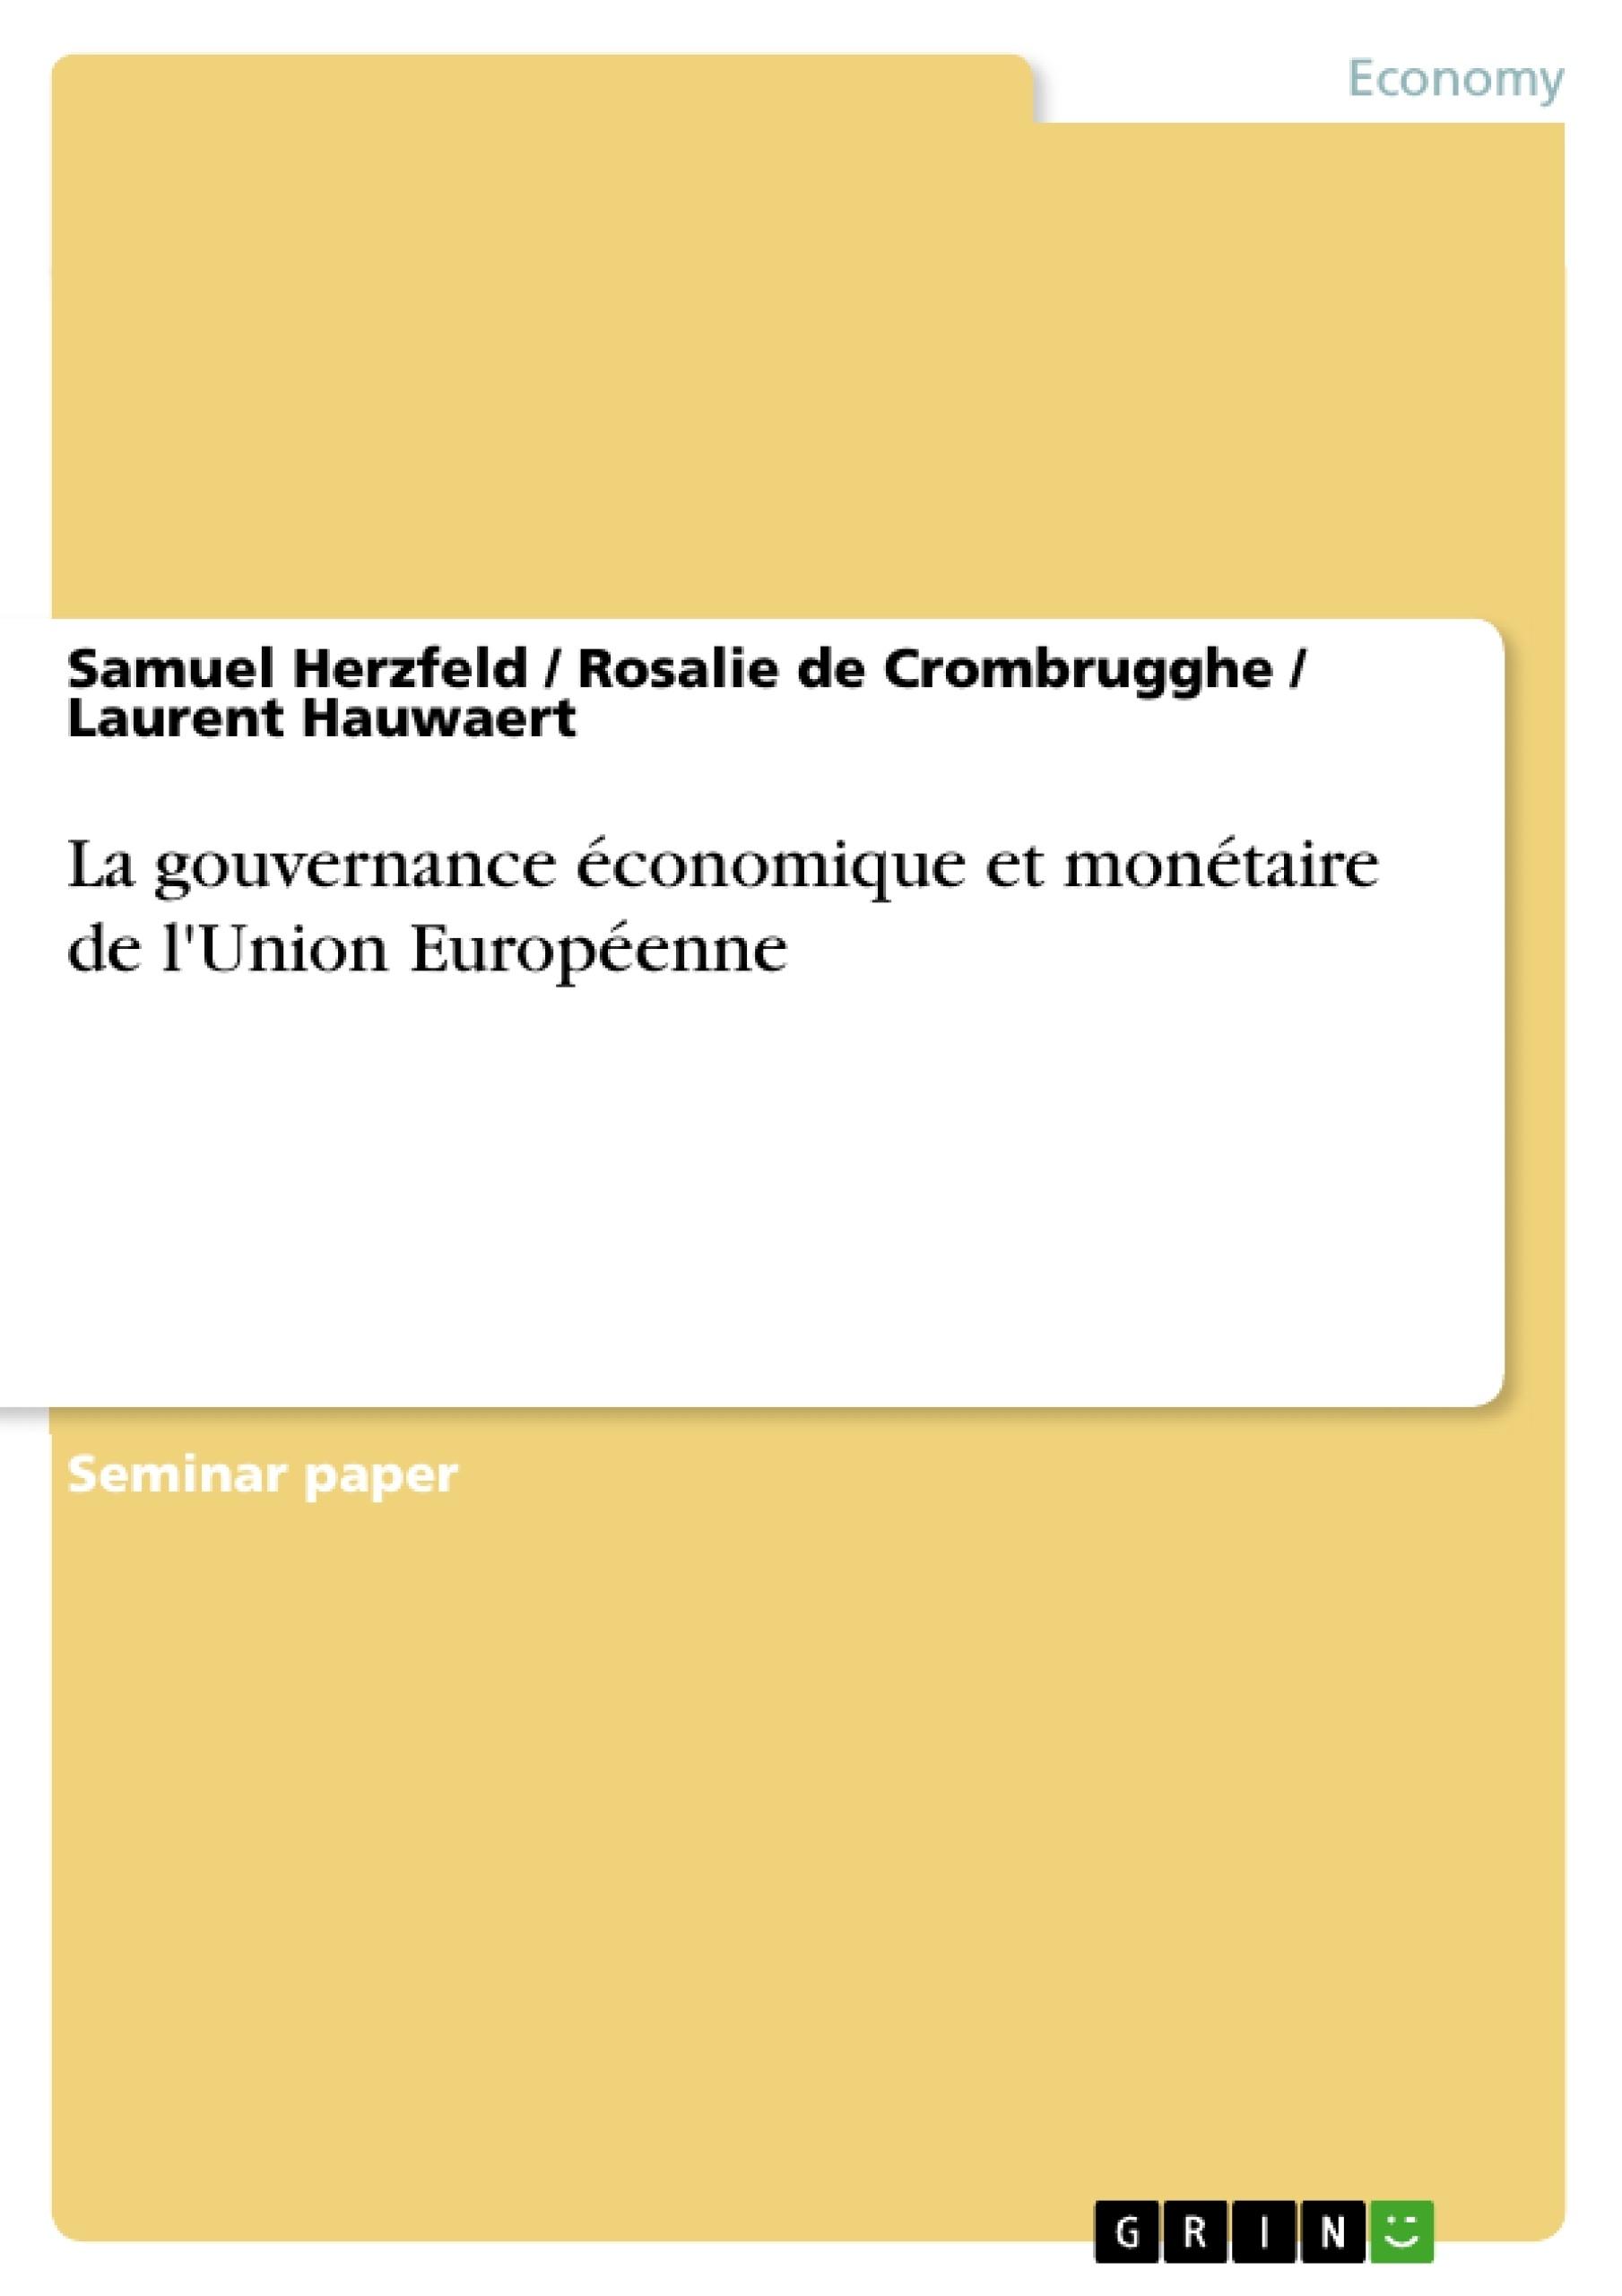 Titre: La gouvernance économique et monétaire de l'Union Européenne